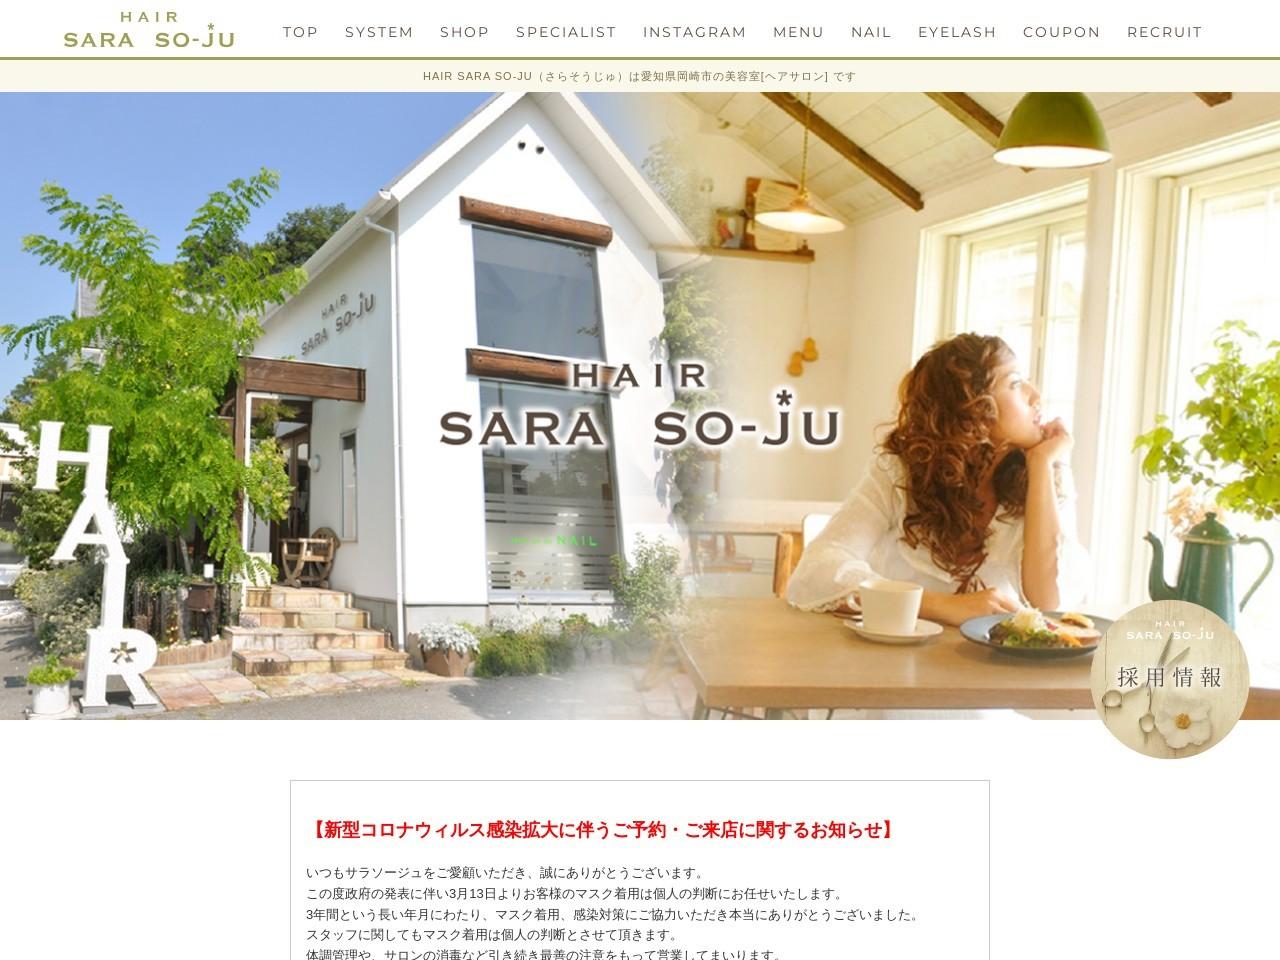 SARA SO-JU